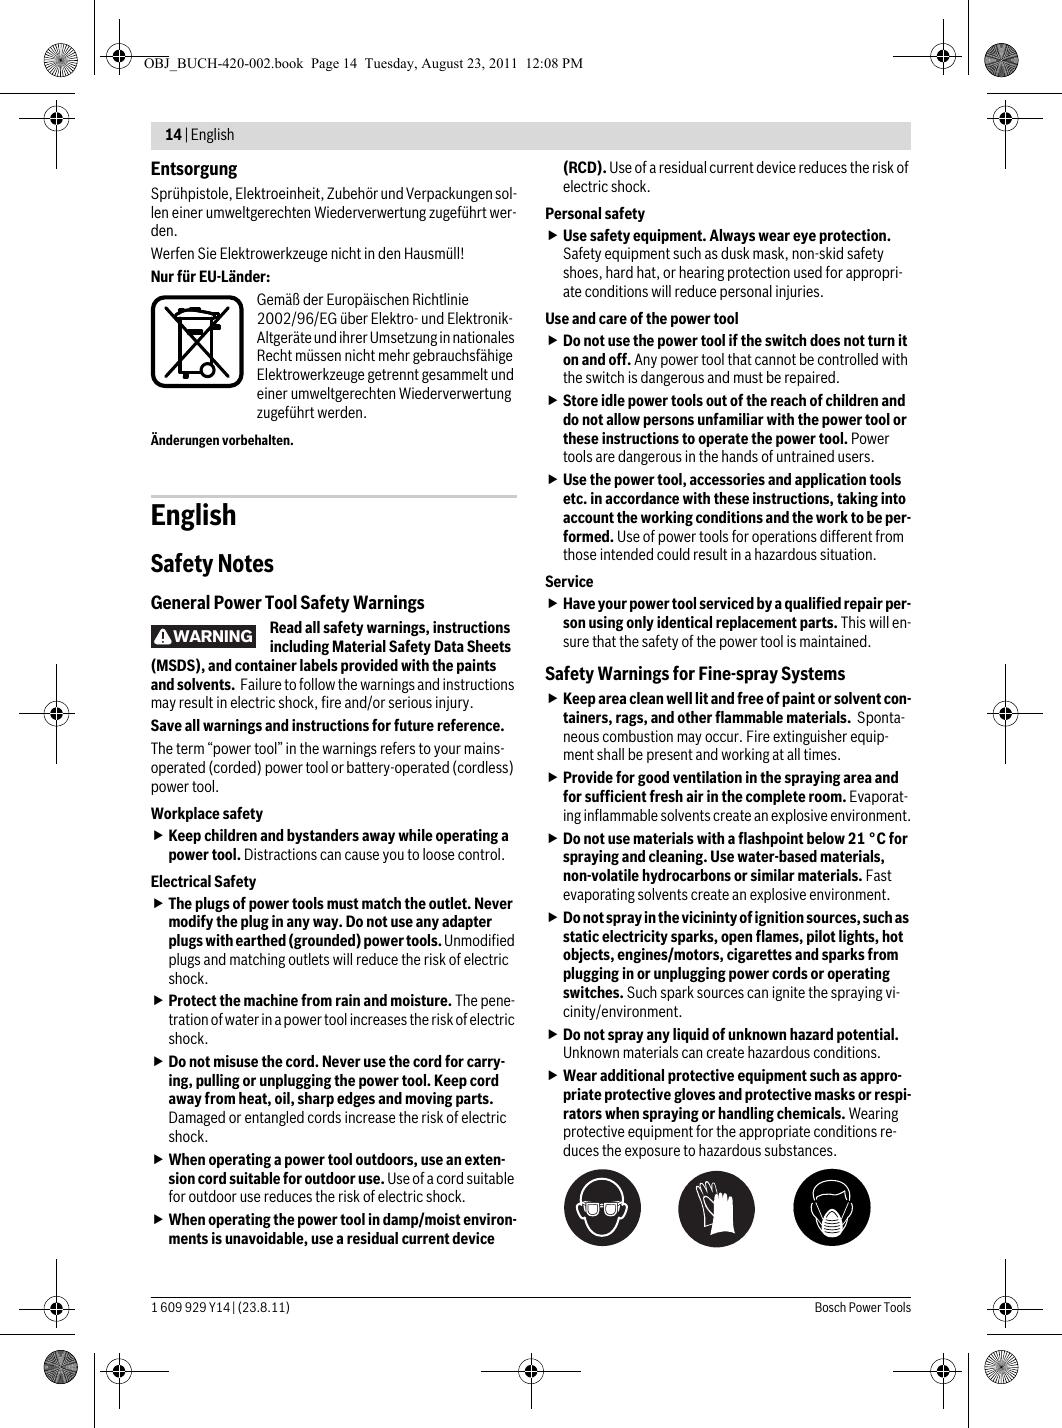 helmint kezelési szabvány